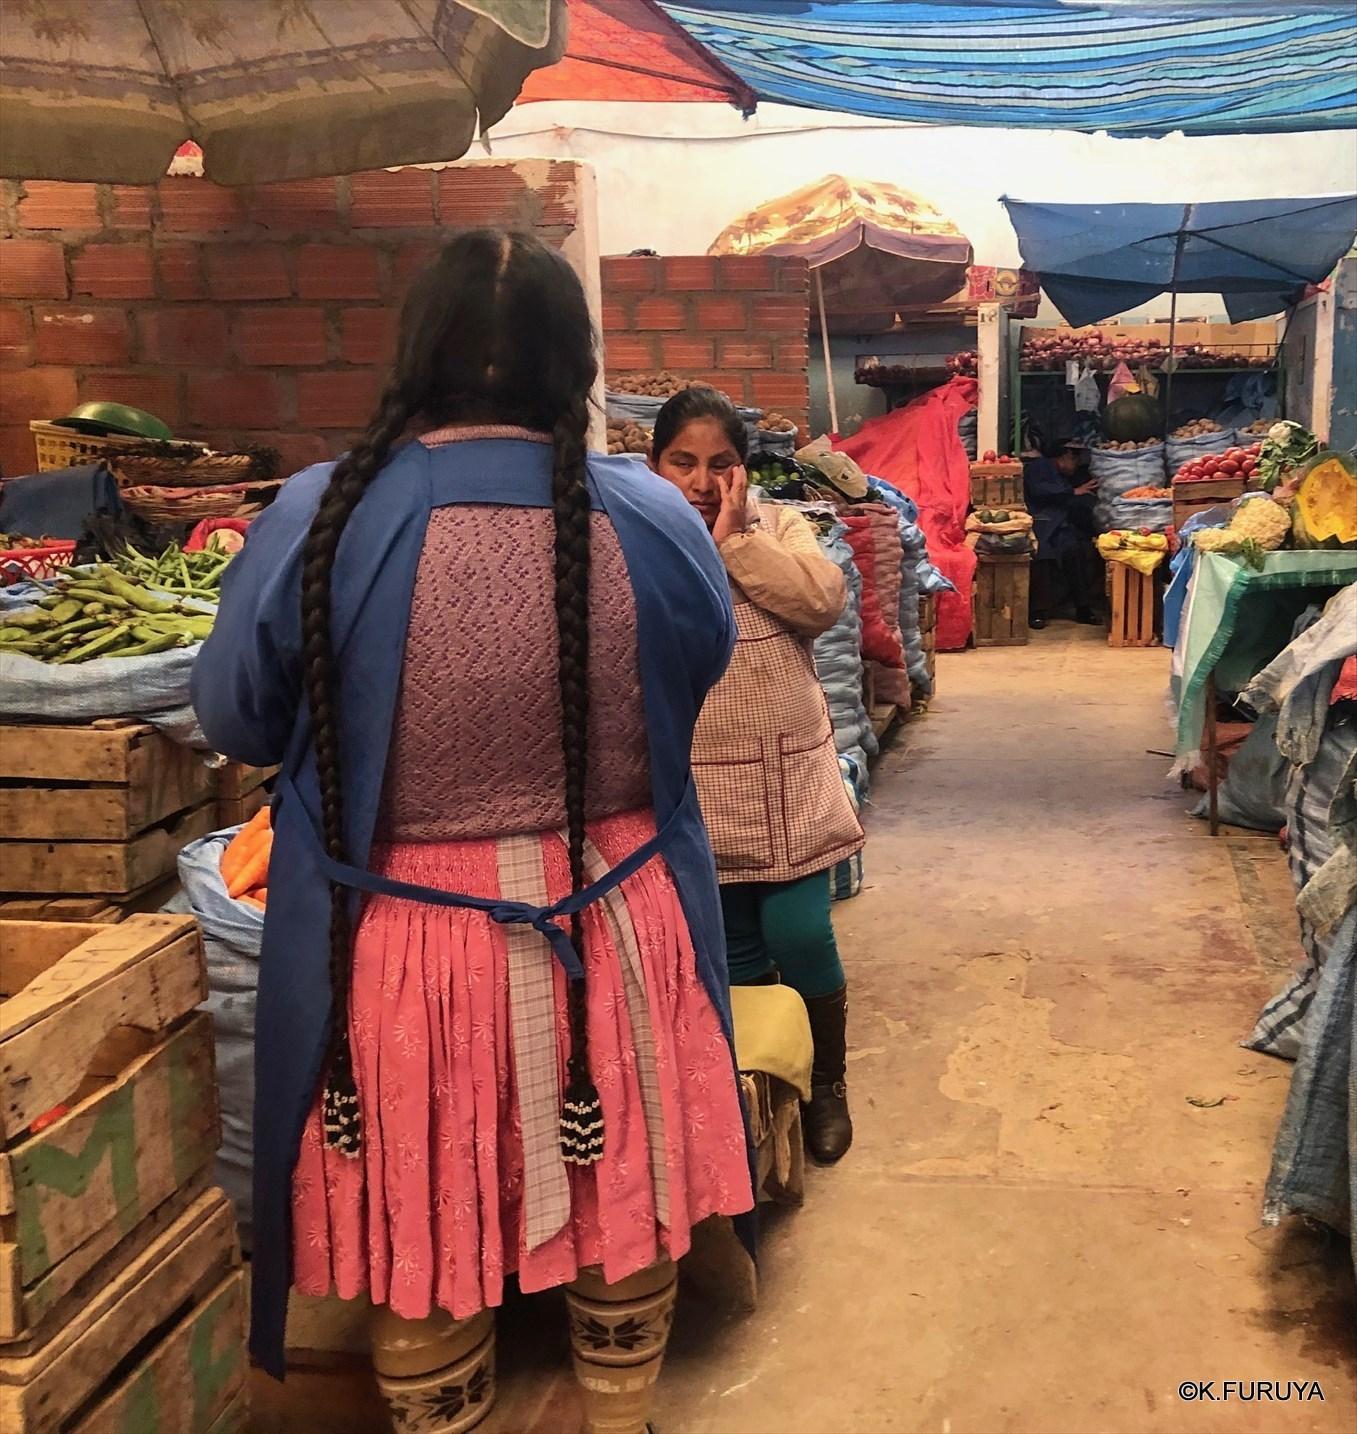 中南米の旅/25 ウユニのメインストリート@ボリビア_a0092659_17022429.jpg